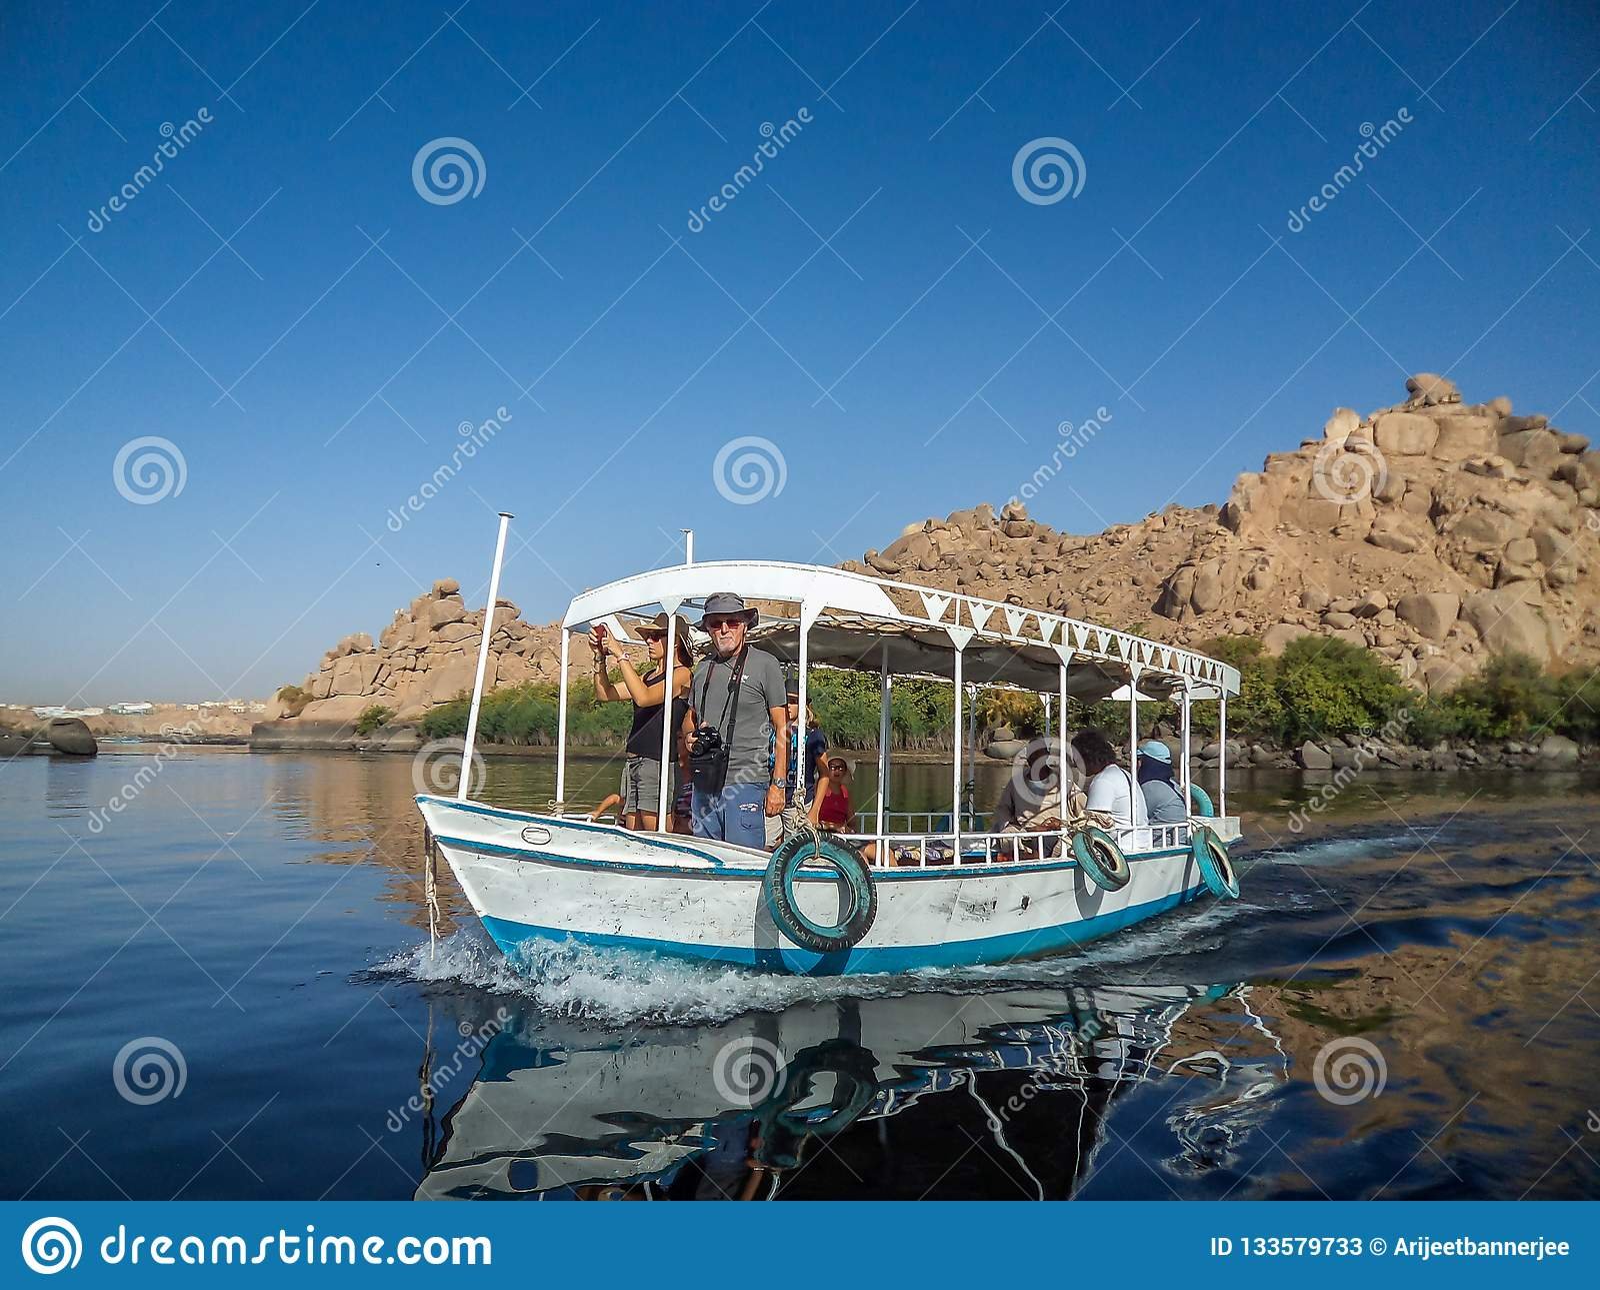 Toerist die van een rit op een kleine boot genieten die de rivier Nijl kruisen dichtbij Aswan, Egypte